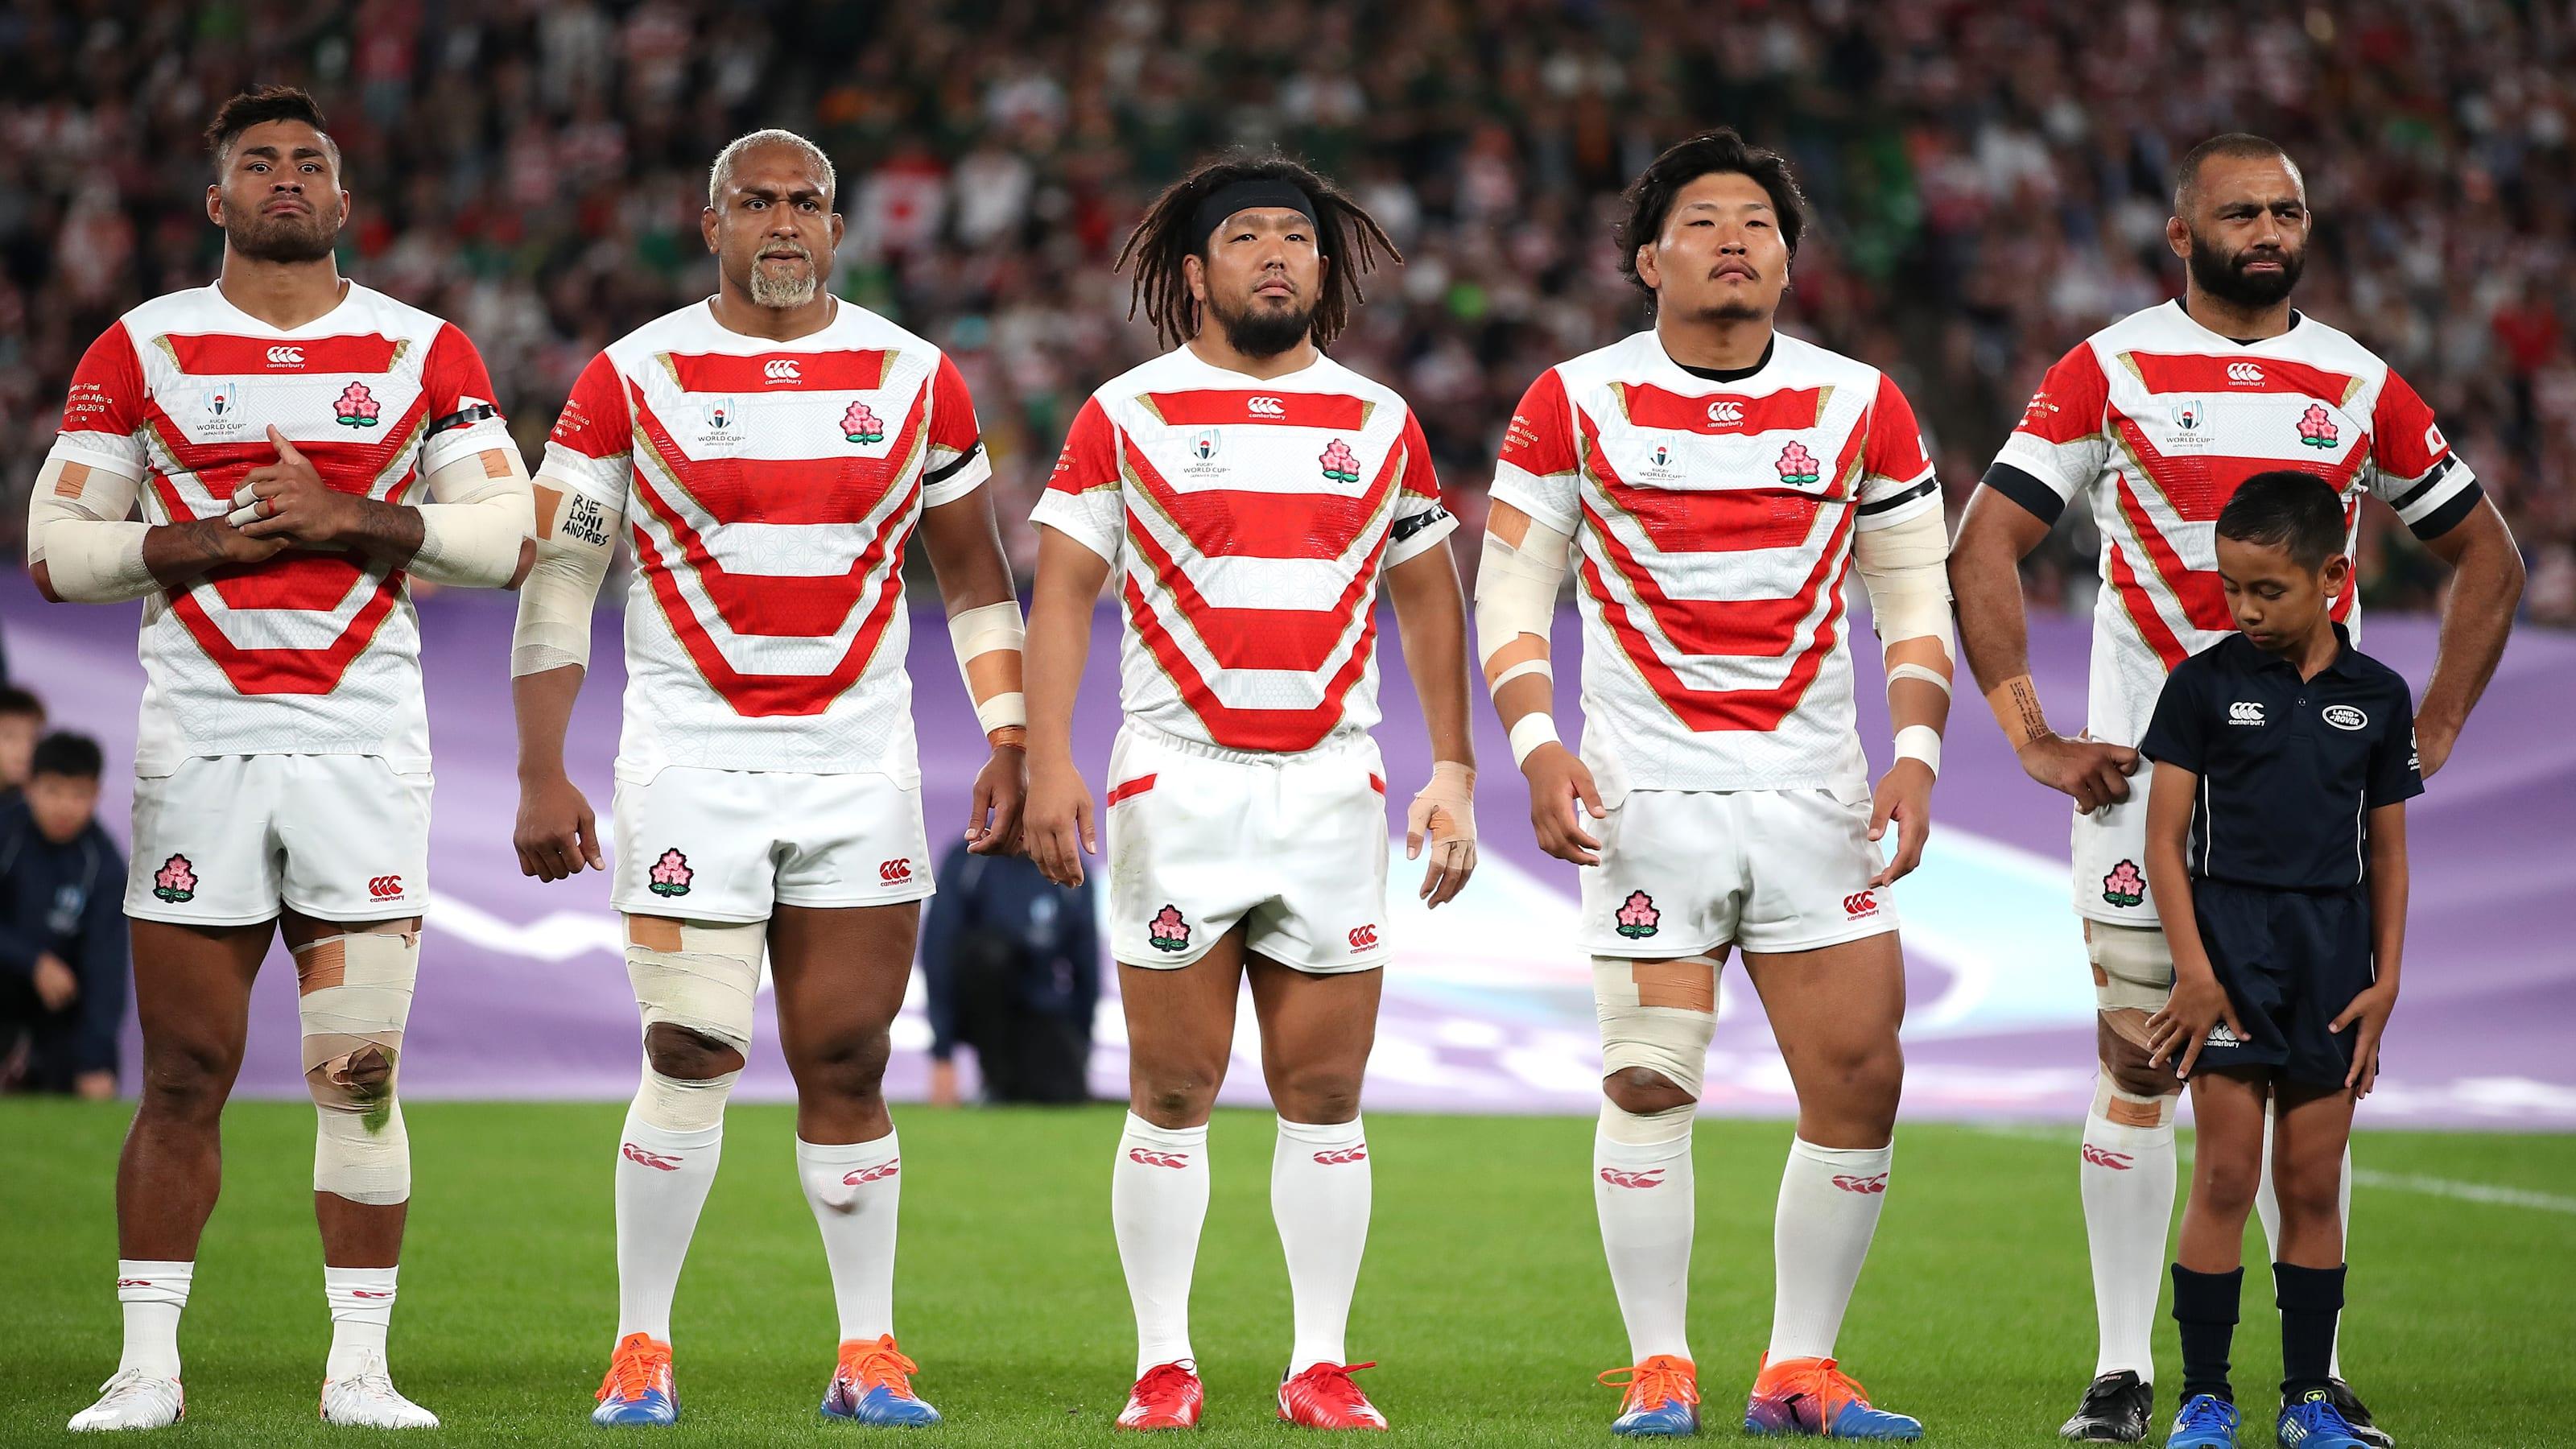 日本 中島 ラグビー 代表